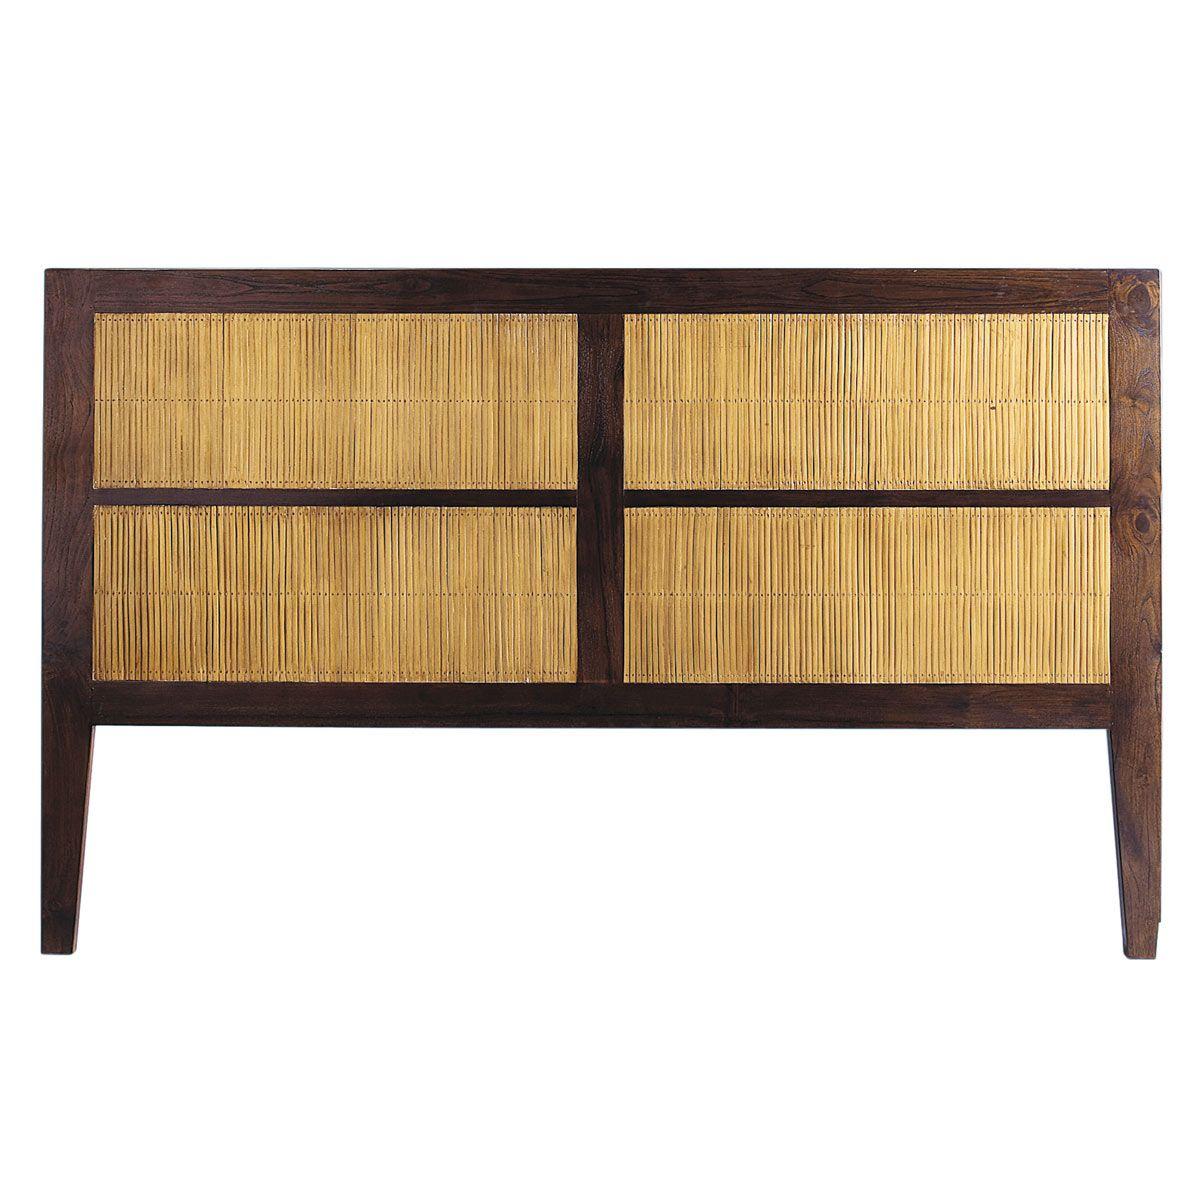 Tête de lit en teck massif et bambou teinté L 160 cm Bamboo | bois ...